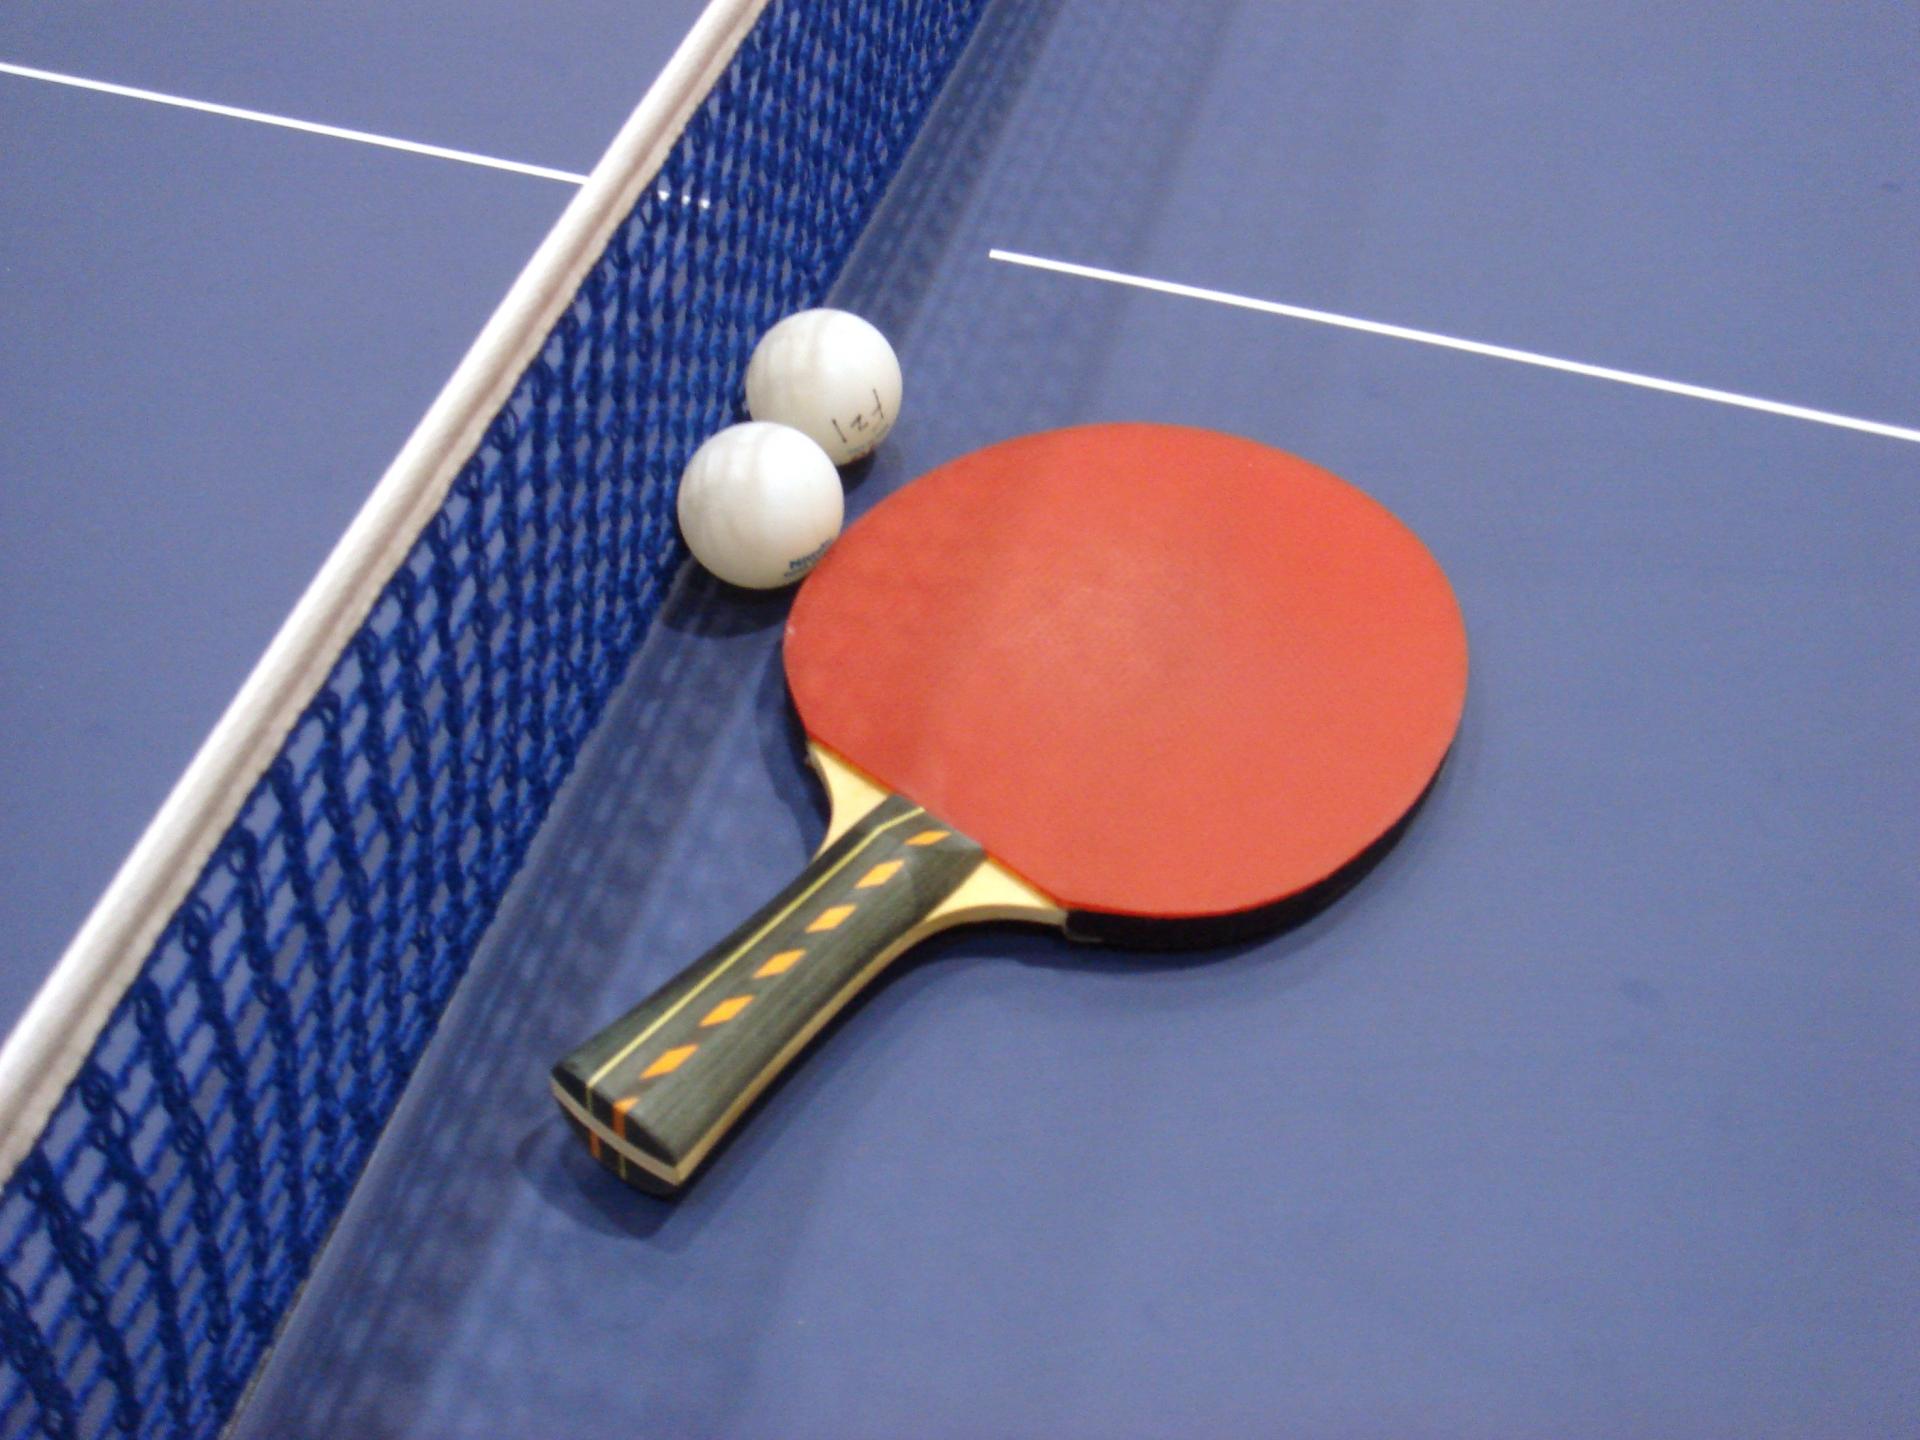 卓球のスマッシュ速度は球技で一番!速く打つポイントや練習方法